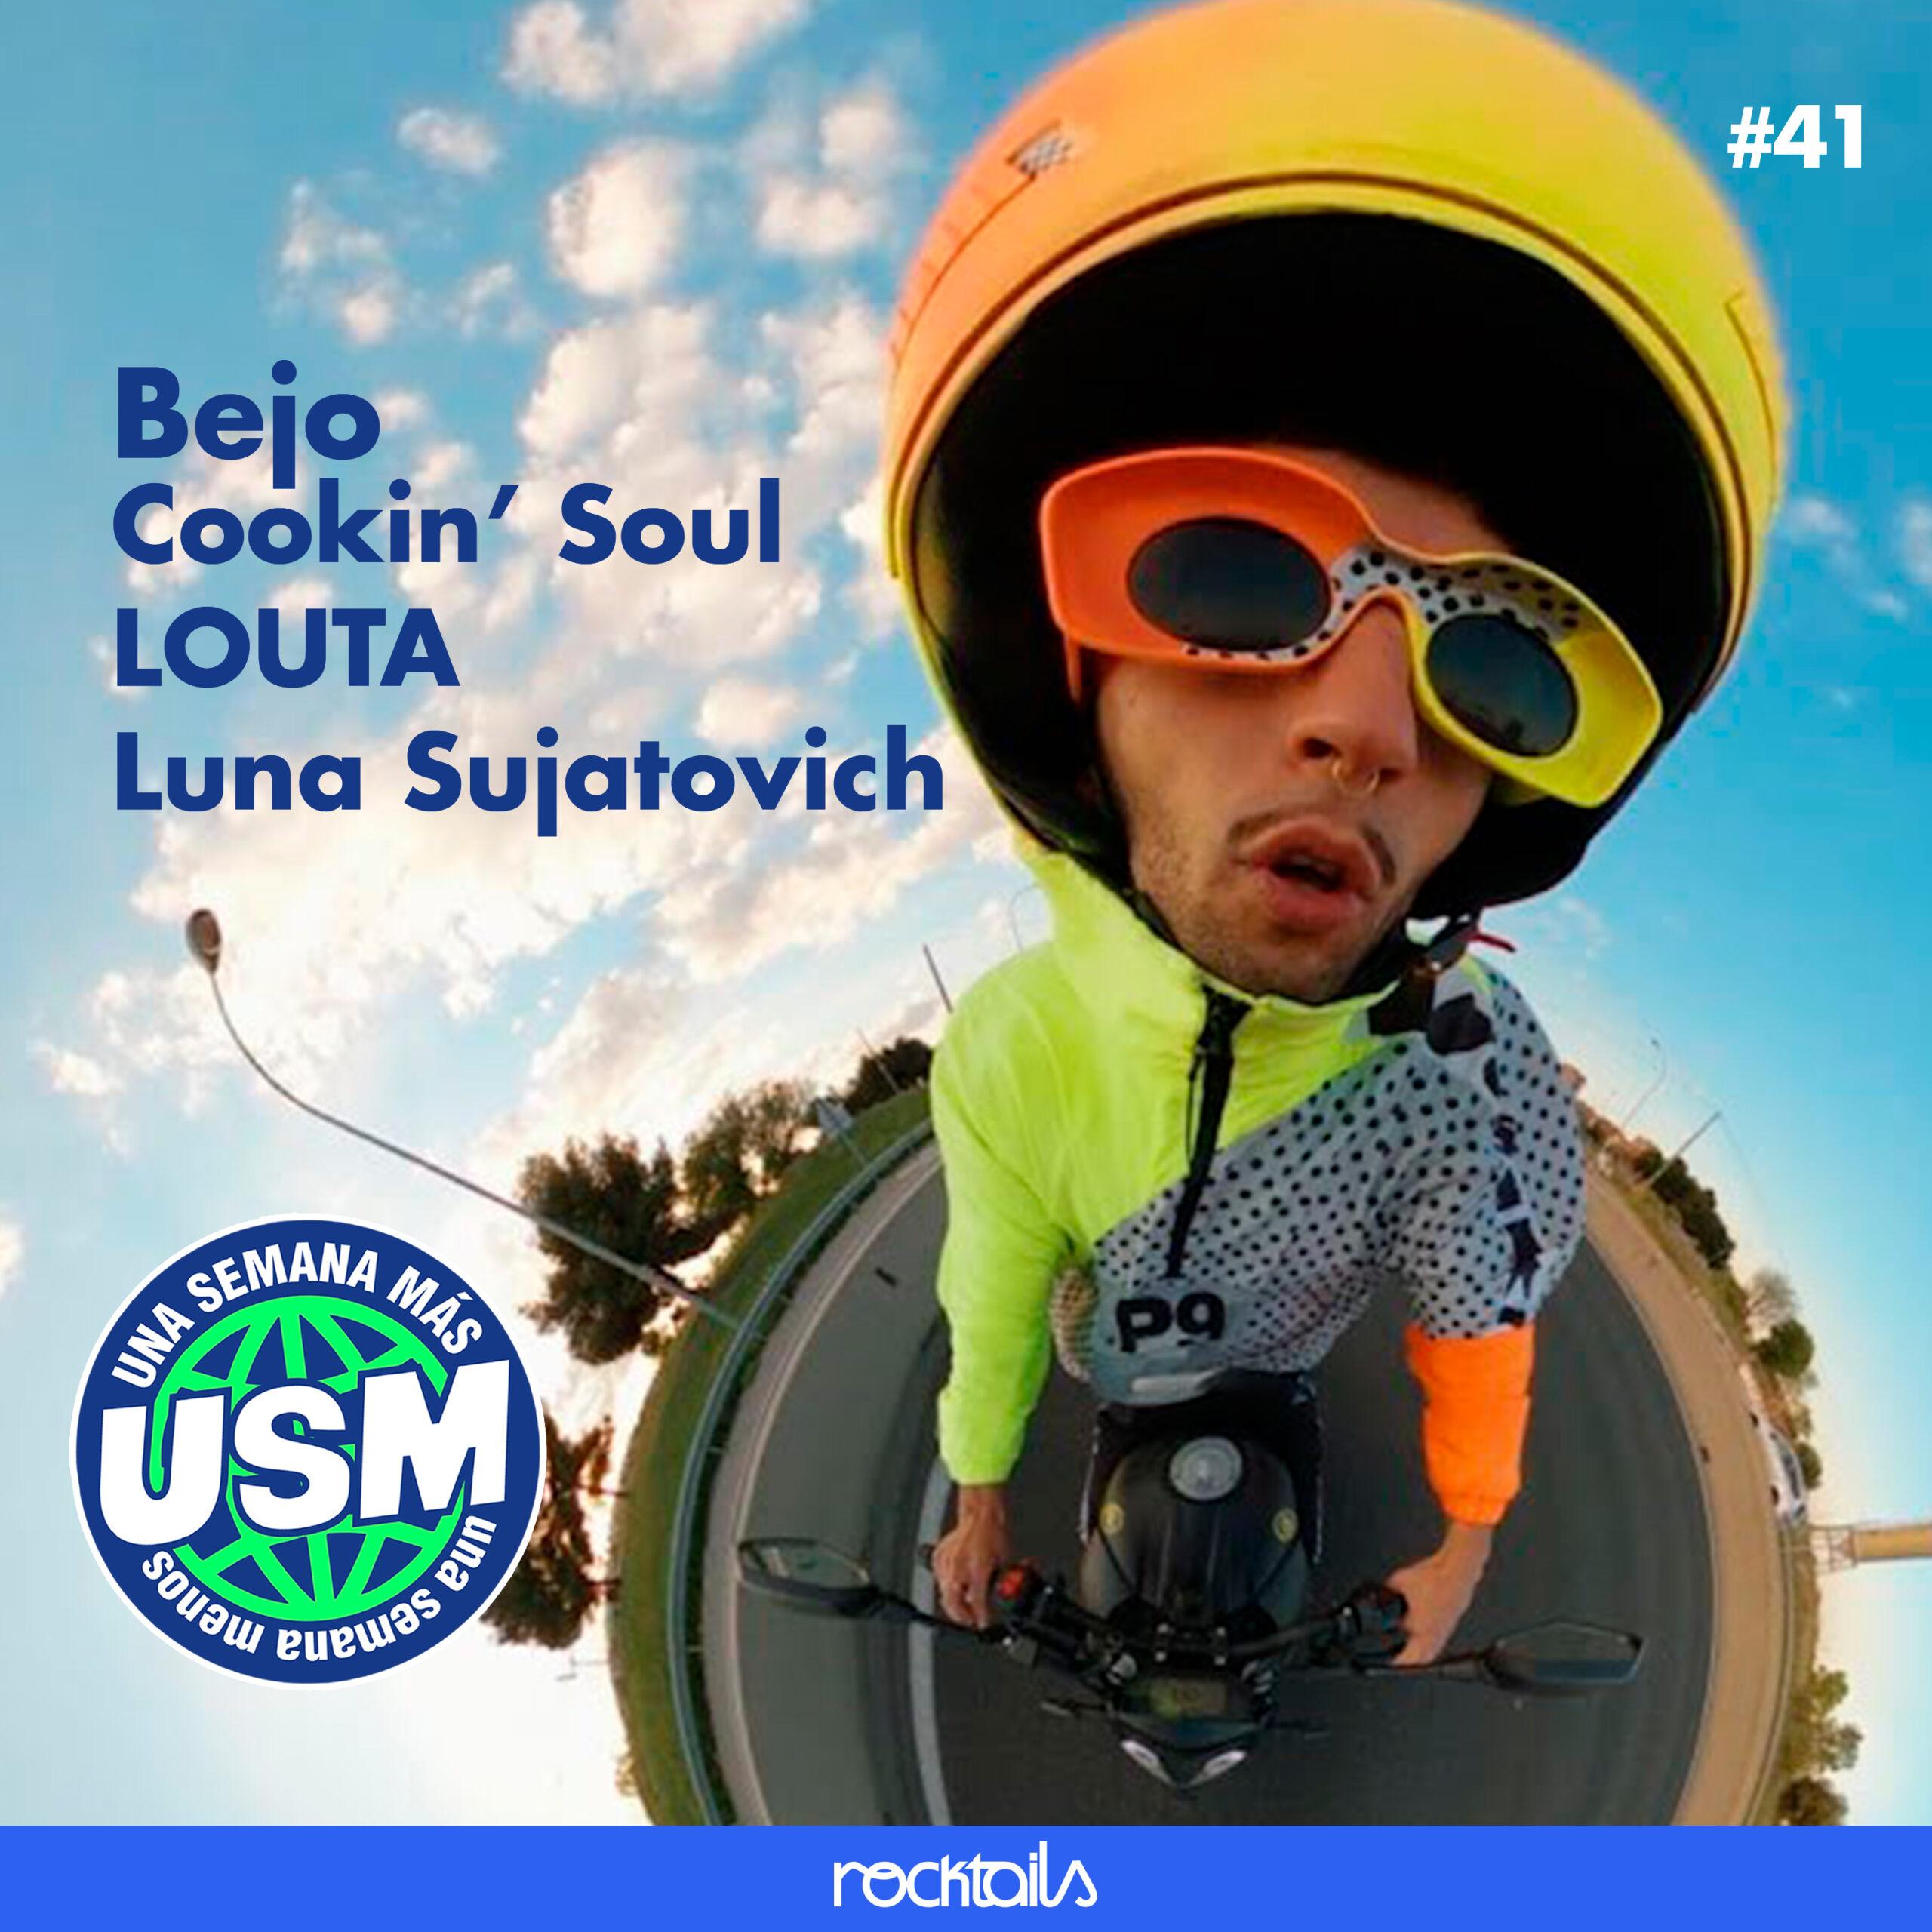 USM 41 bejo